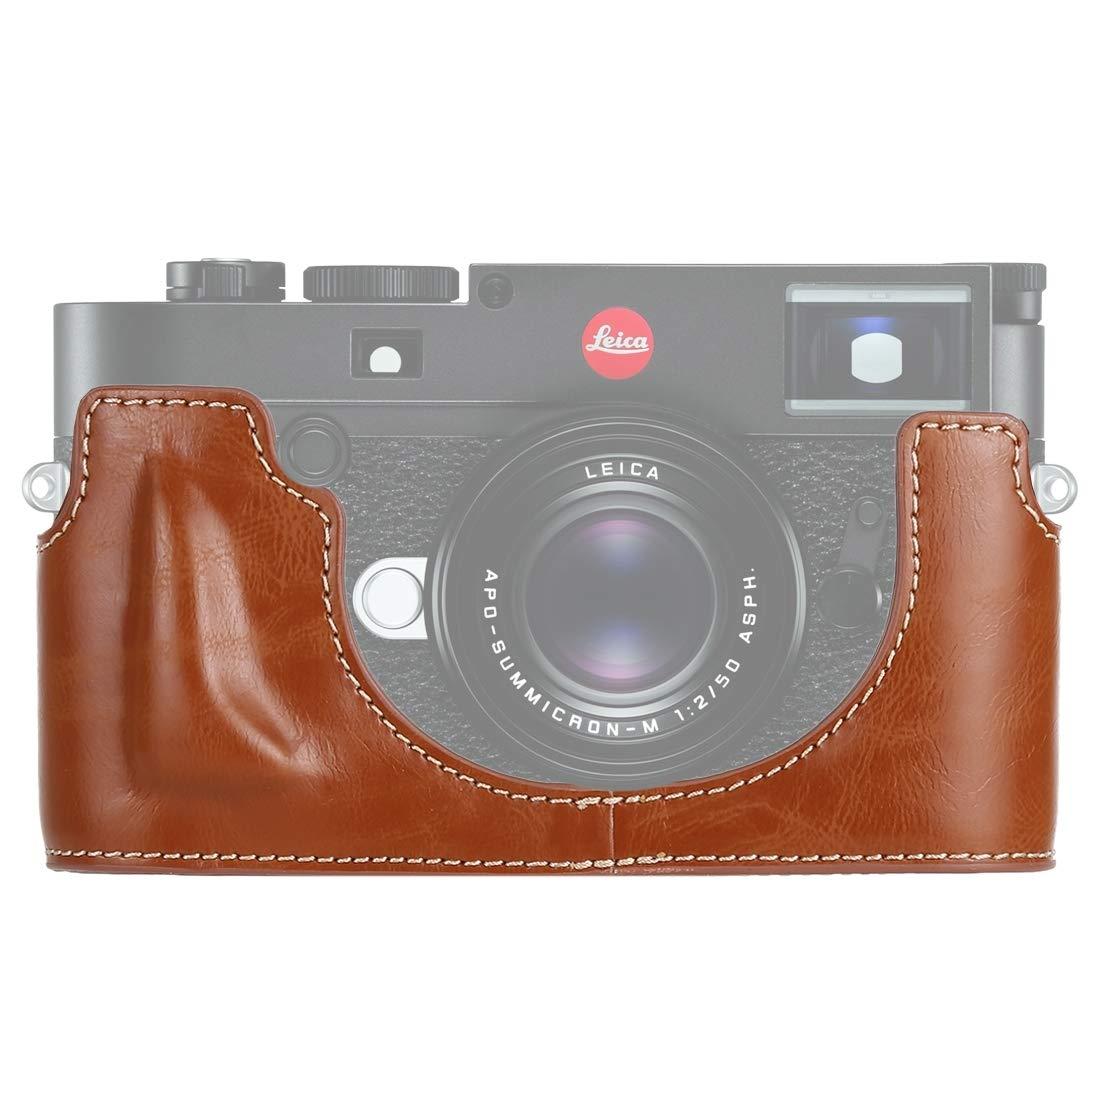 Dig 犬用骨 1/4インチねじ PUレザー カメラ ハーフケース ベース 互換性 ライカ M10, ブラウン, DCA5423Z B07L96GB87 ブラウン